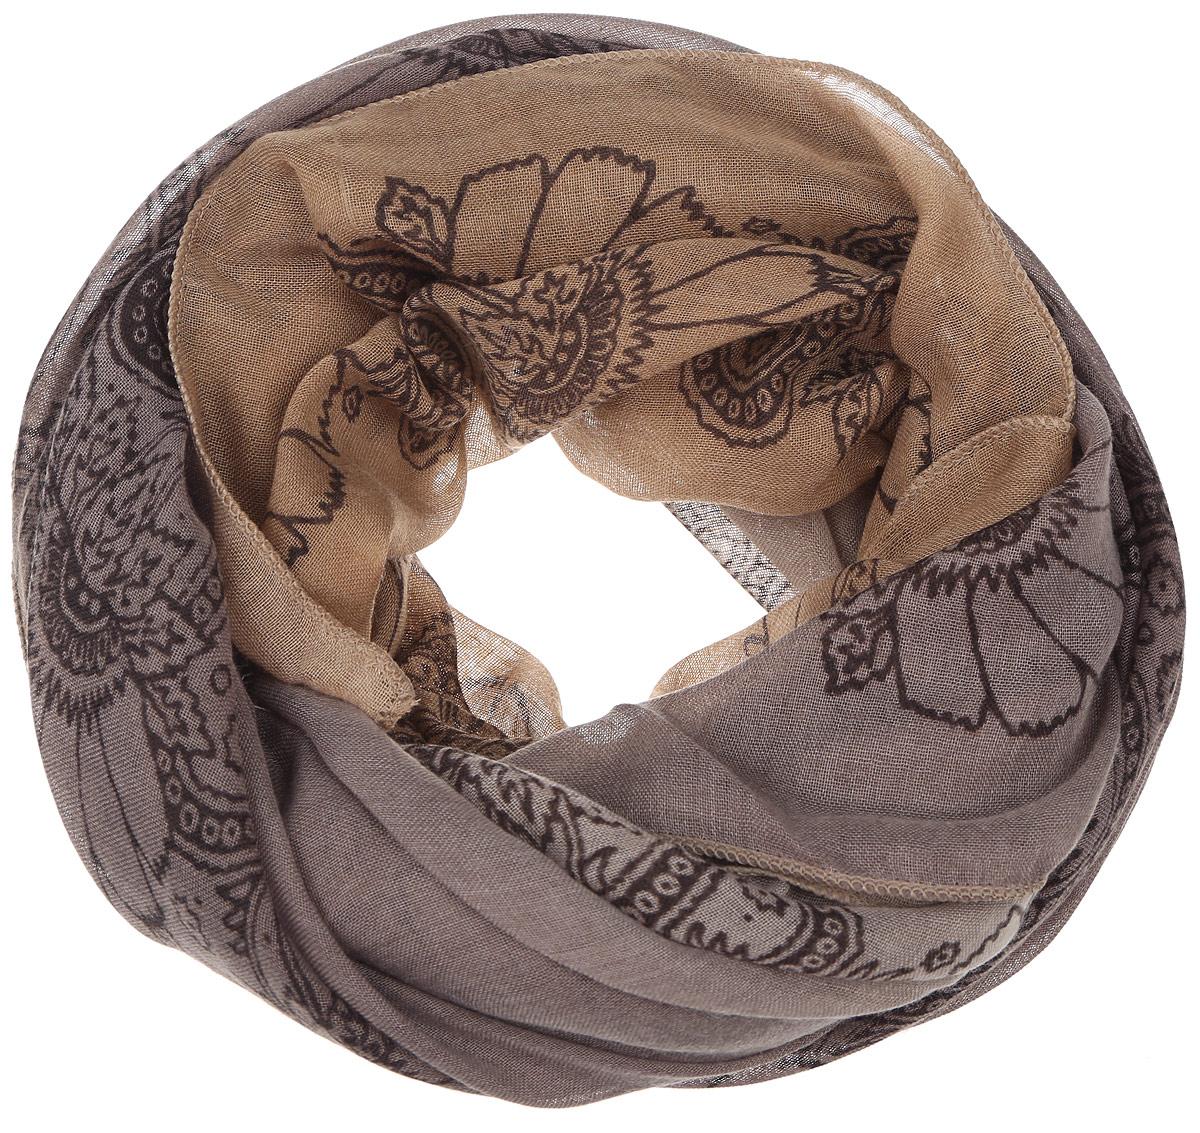 YY-11675-11Элегантный палантин Sophie Ramage изготовлен из высококачественного модала с добавлением шелка. Оформлена модель стильным цветочным принтом. Палантин красиво драпируется, он превосходно дополнит любой наряд и подчеркнет ваш изысканный вкус.